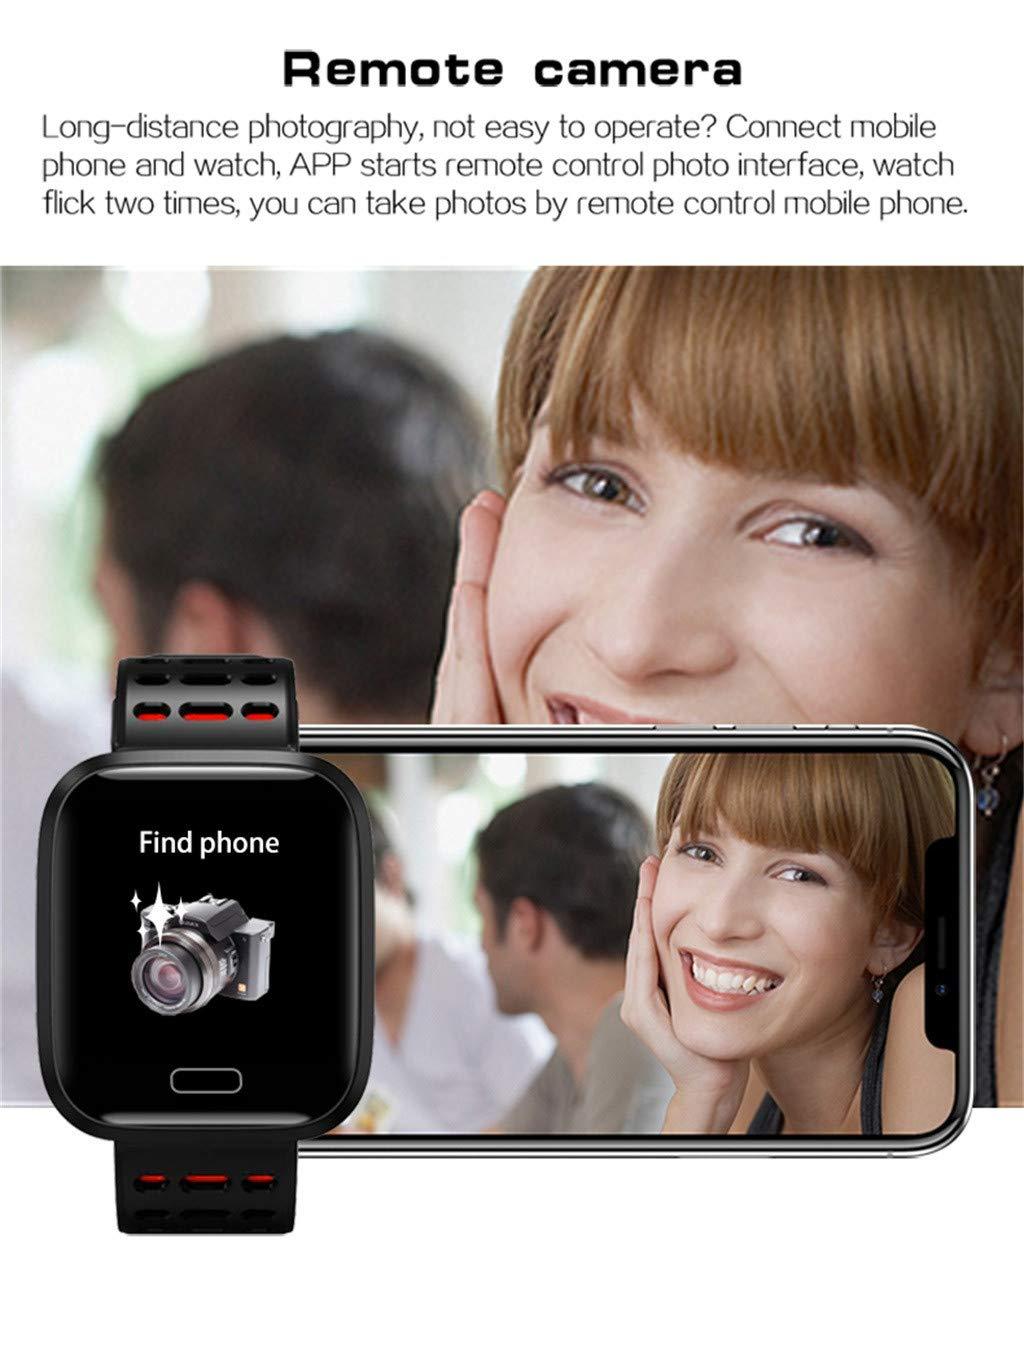 13-Zoll-Vollfarb-Bildschirm-Blutdruck-Herzfrequenz-Messgert-Smart-Watch-Bracelet-A8-Vollbild-Flex-Screen-Smart-Armband-Smart-Watch